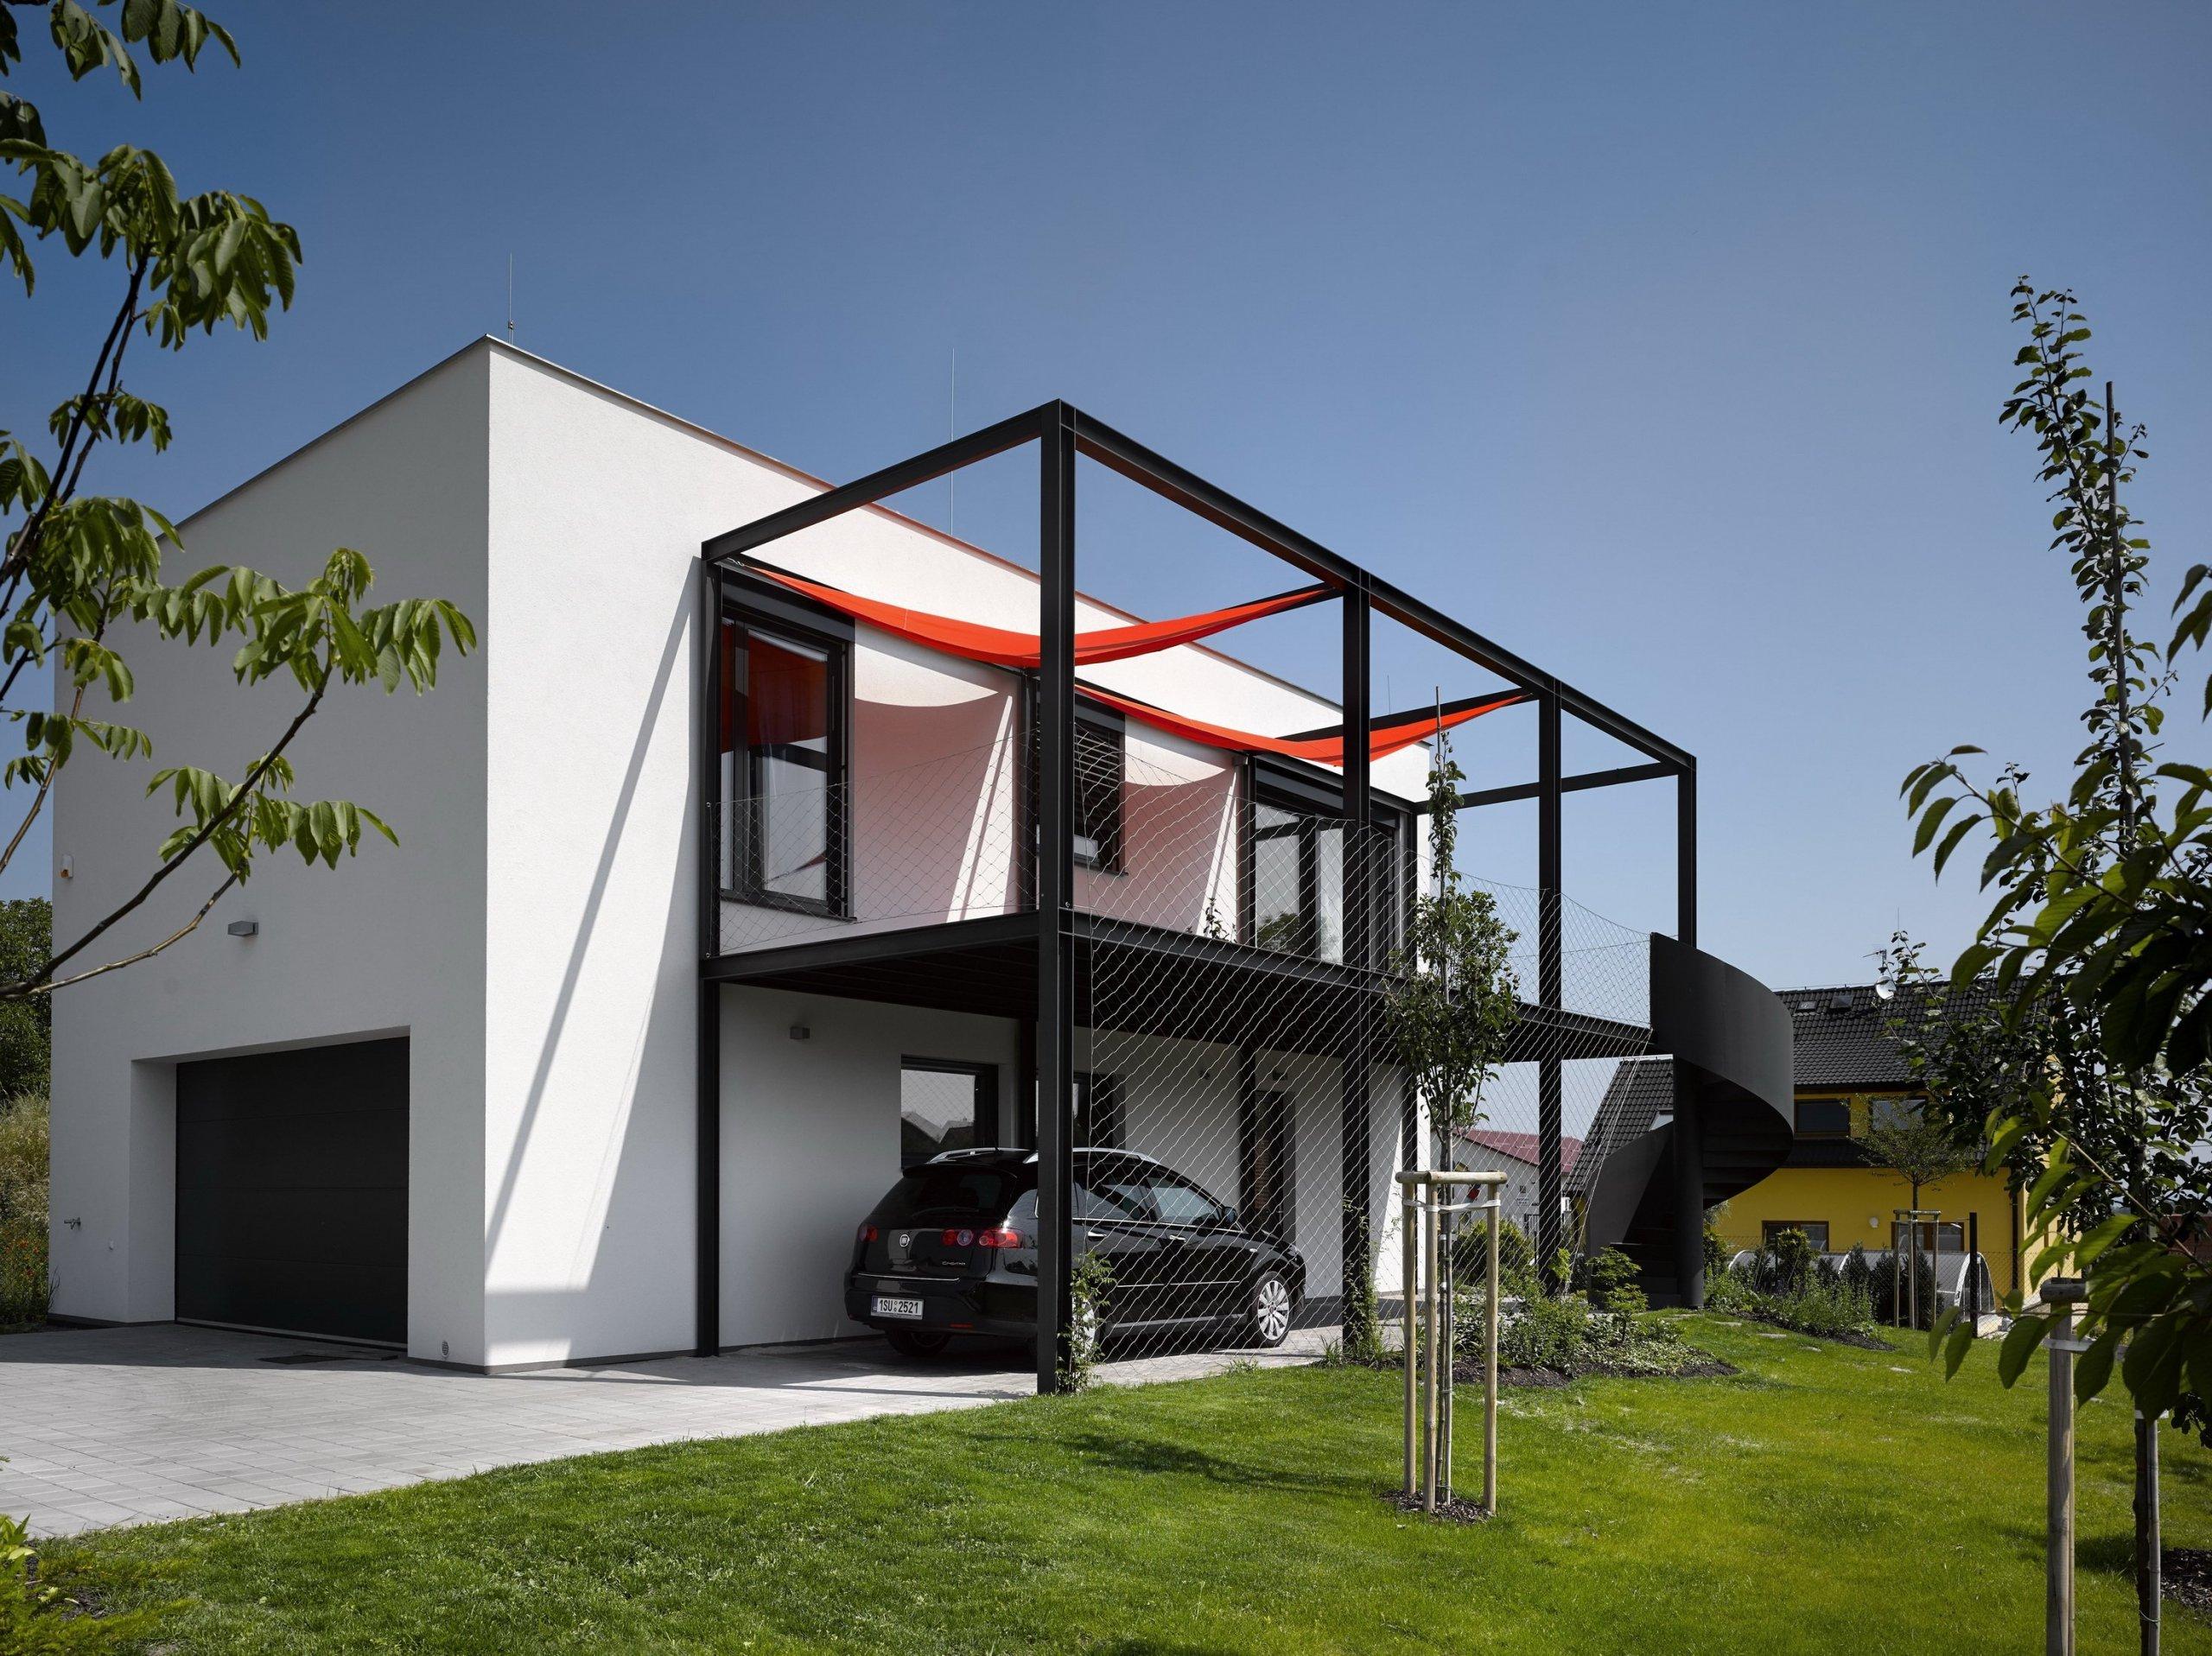 Popisují-li klienti svoje sny o bydlení, zpravidla jejich zájmy a hobby ovlivní i podobu budoucího domu. Ostatně proniknutí do těchto snů, záměrně říkáme snů a…